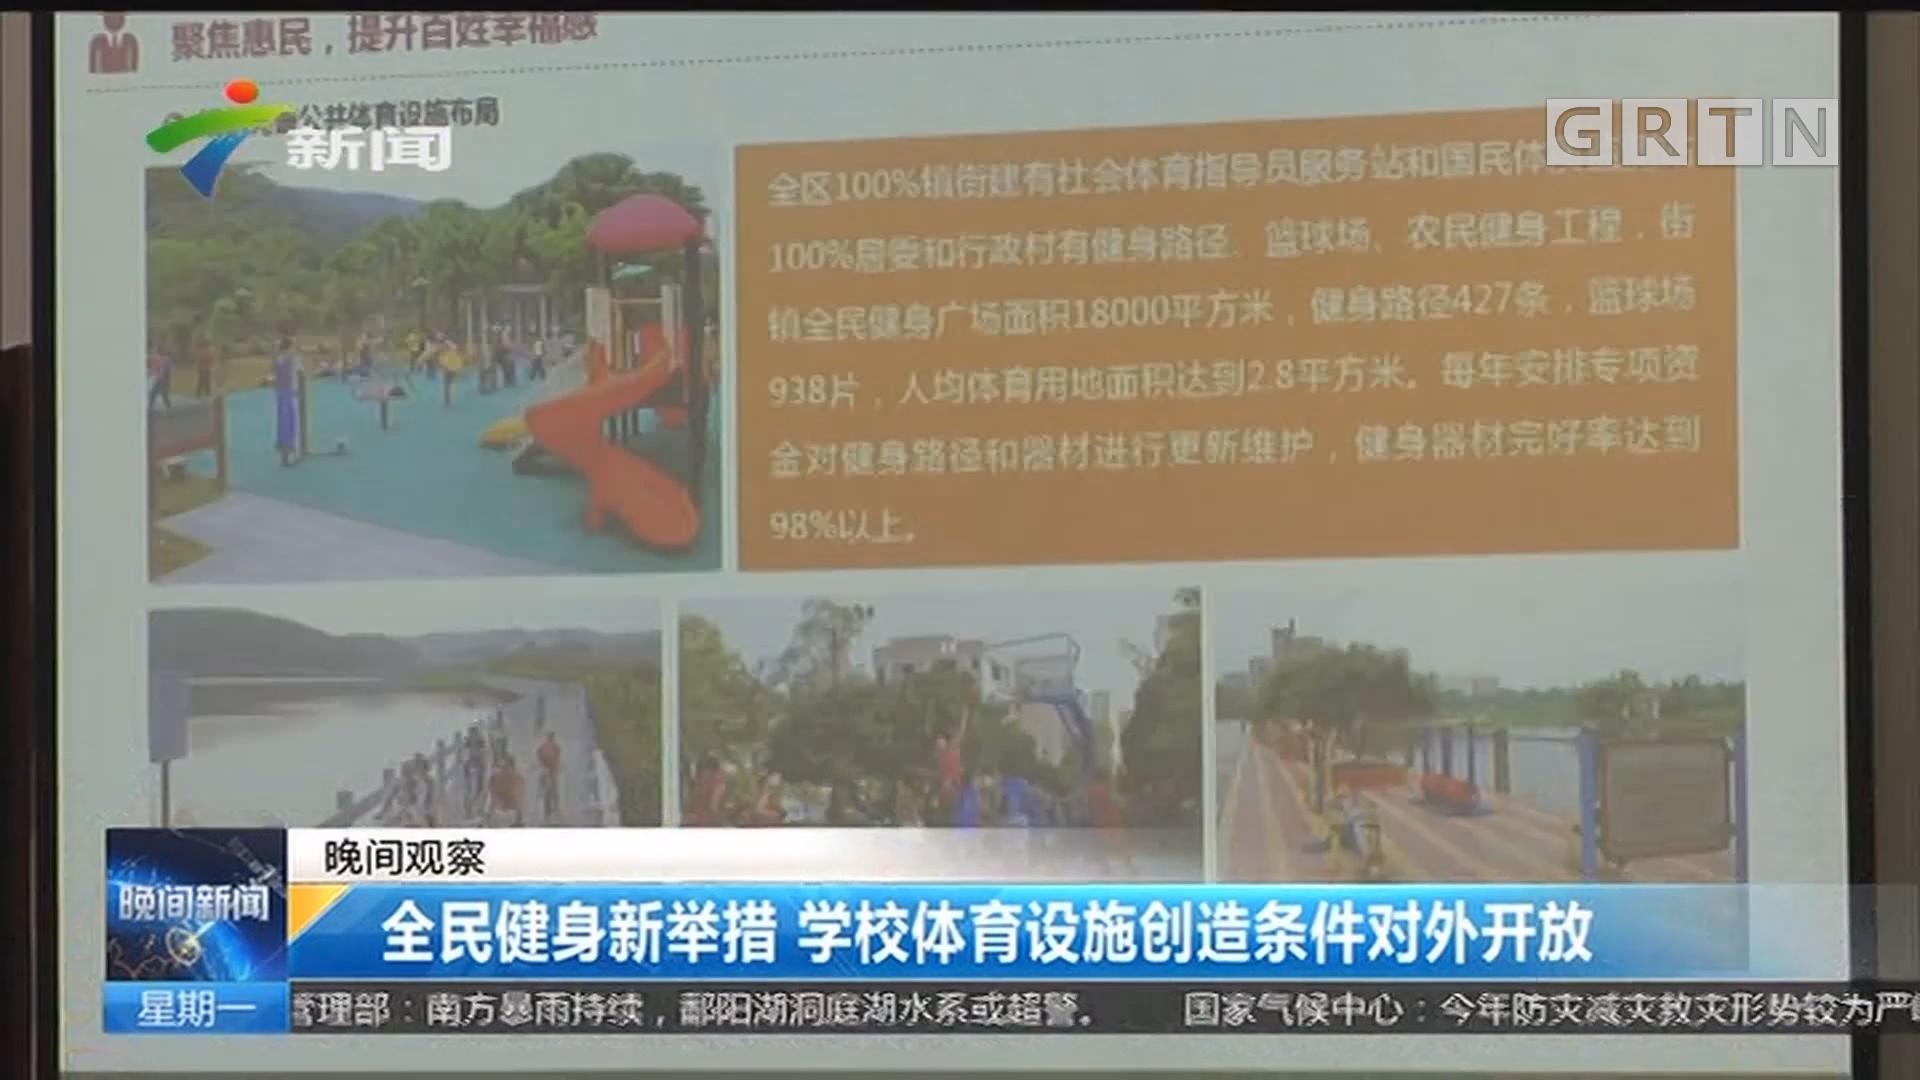 全民健身新举措 学校体育设施创造条件对外开放